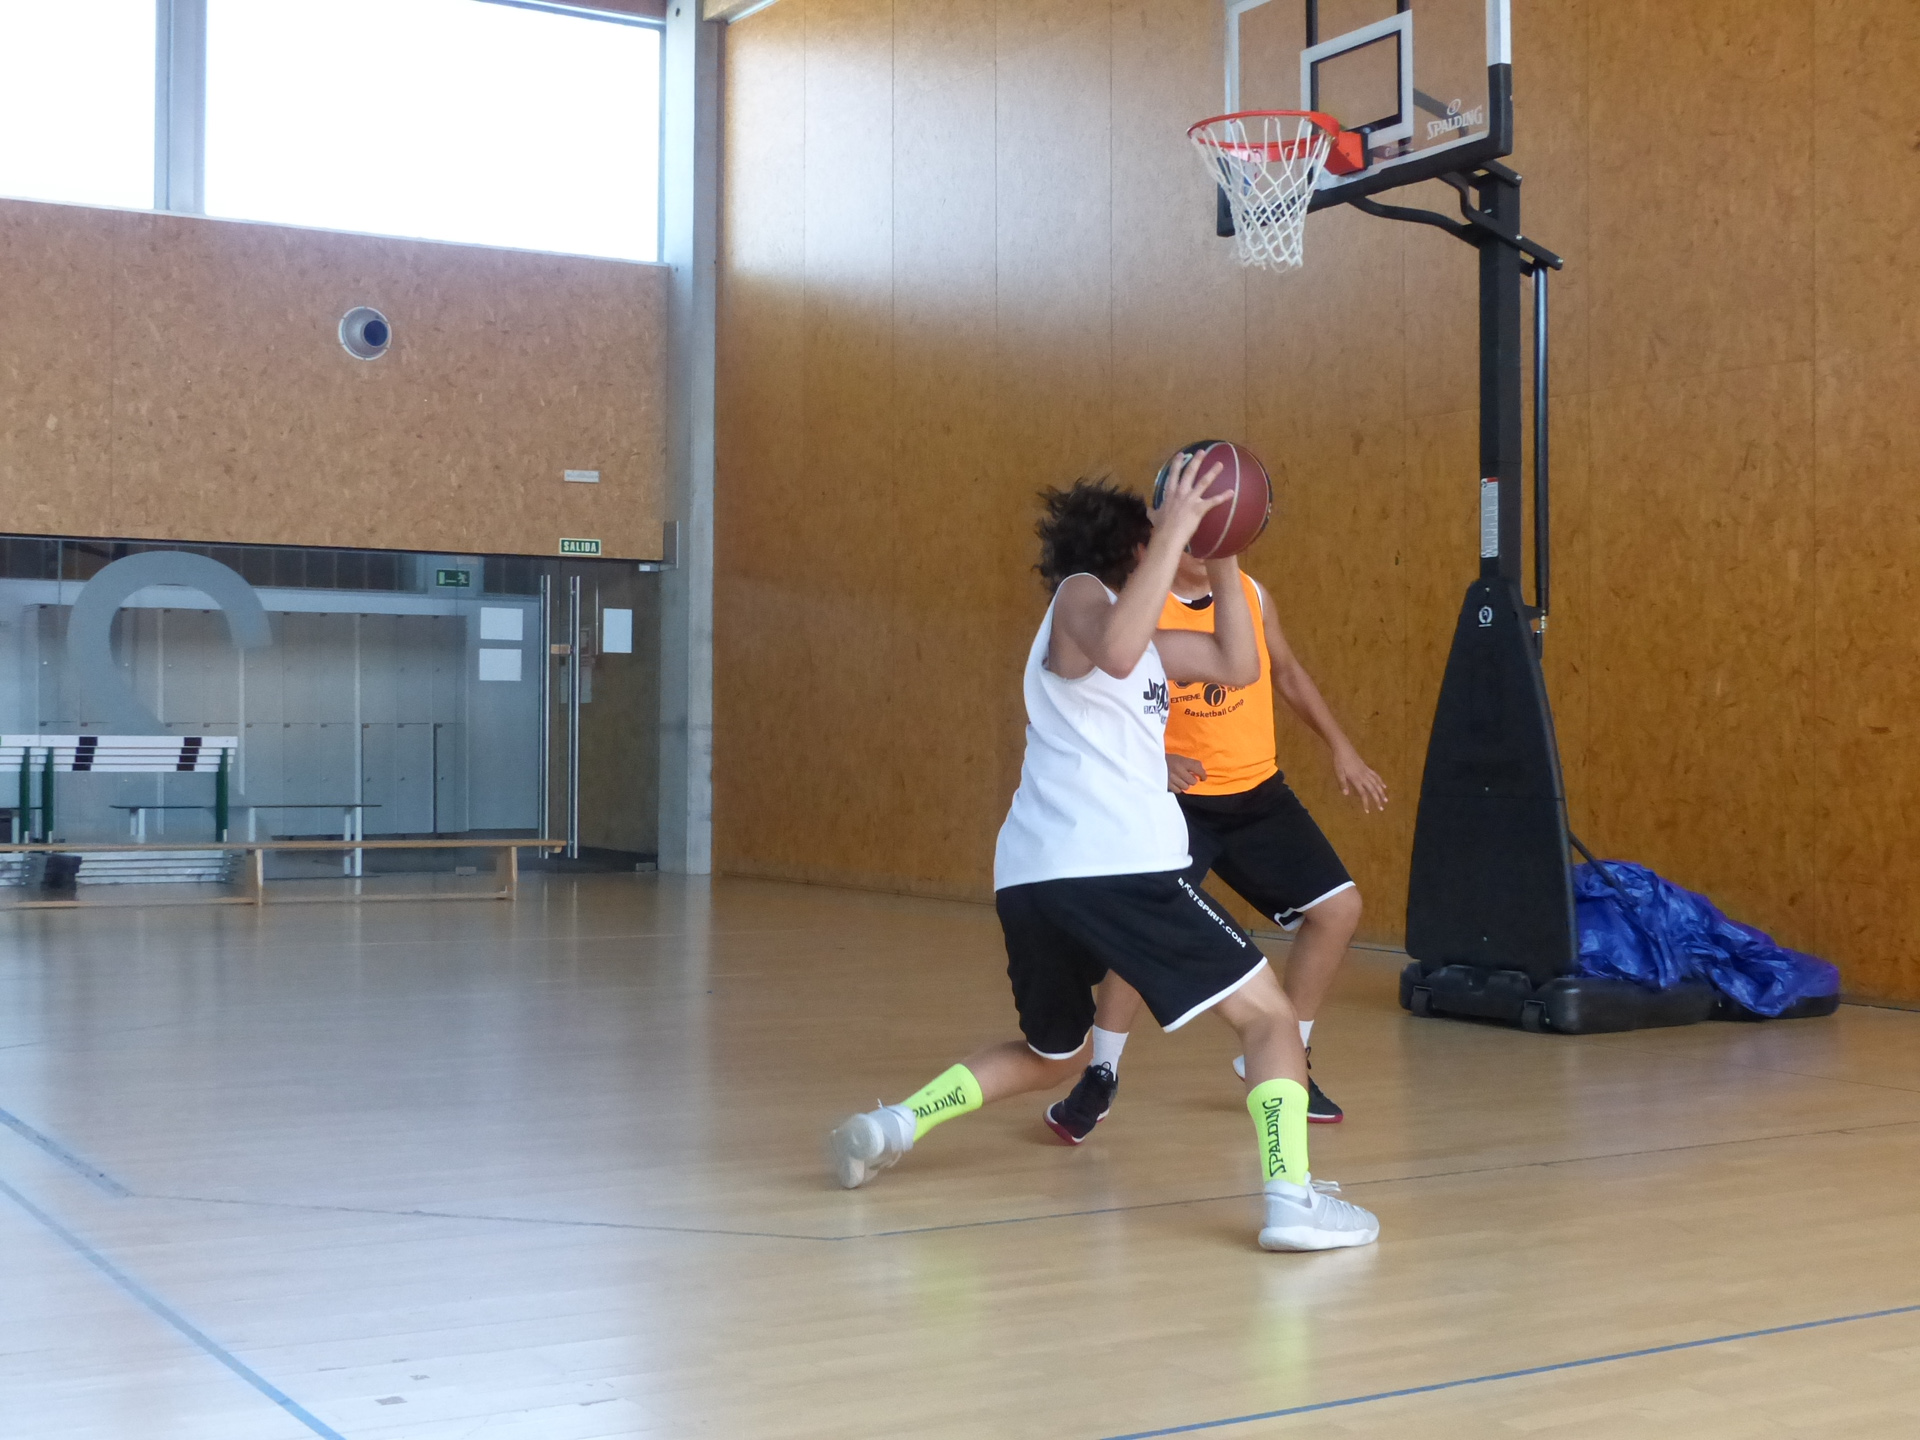 Consejos para el jugador de baloncesto: Las paradas